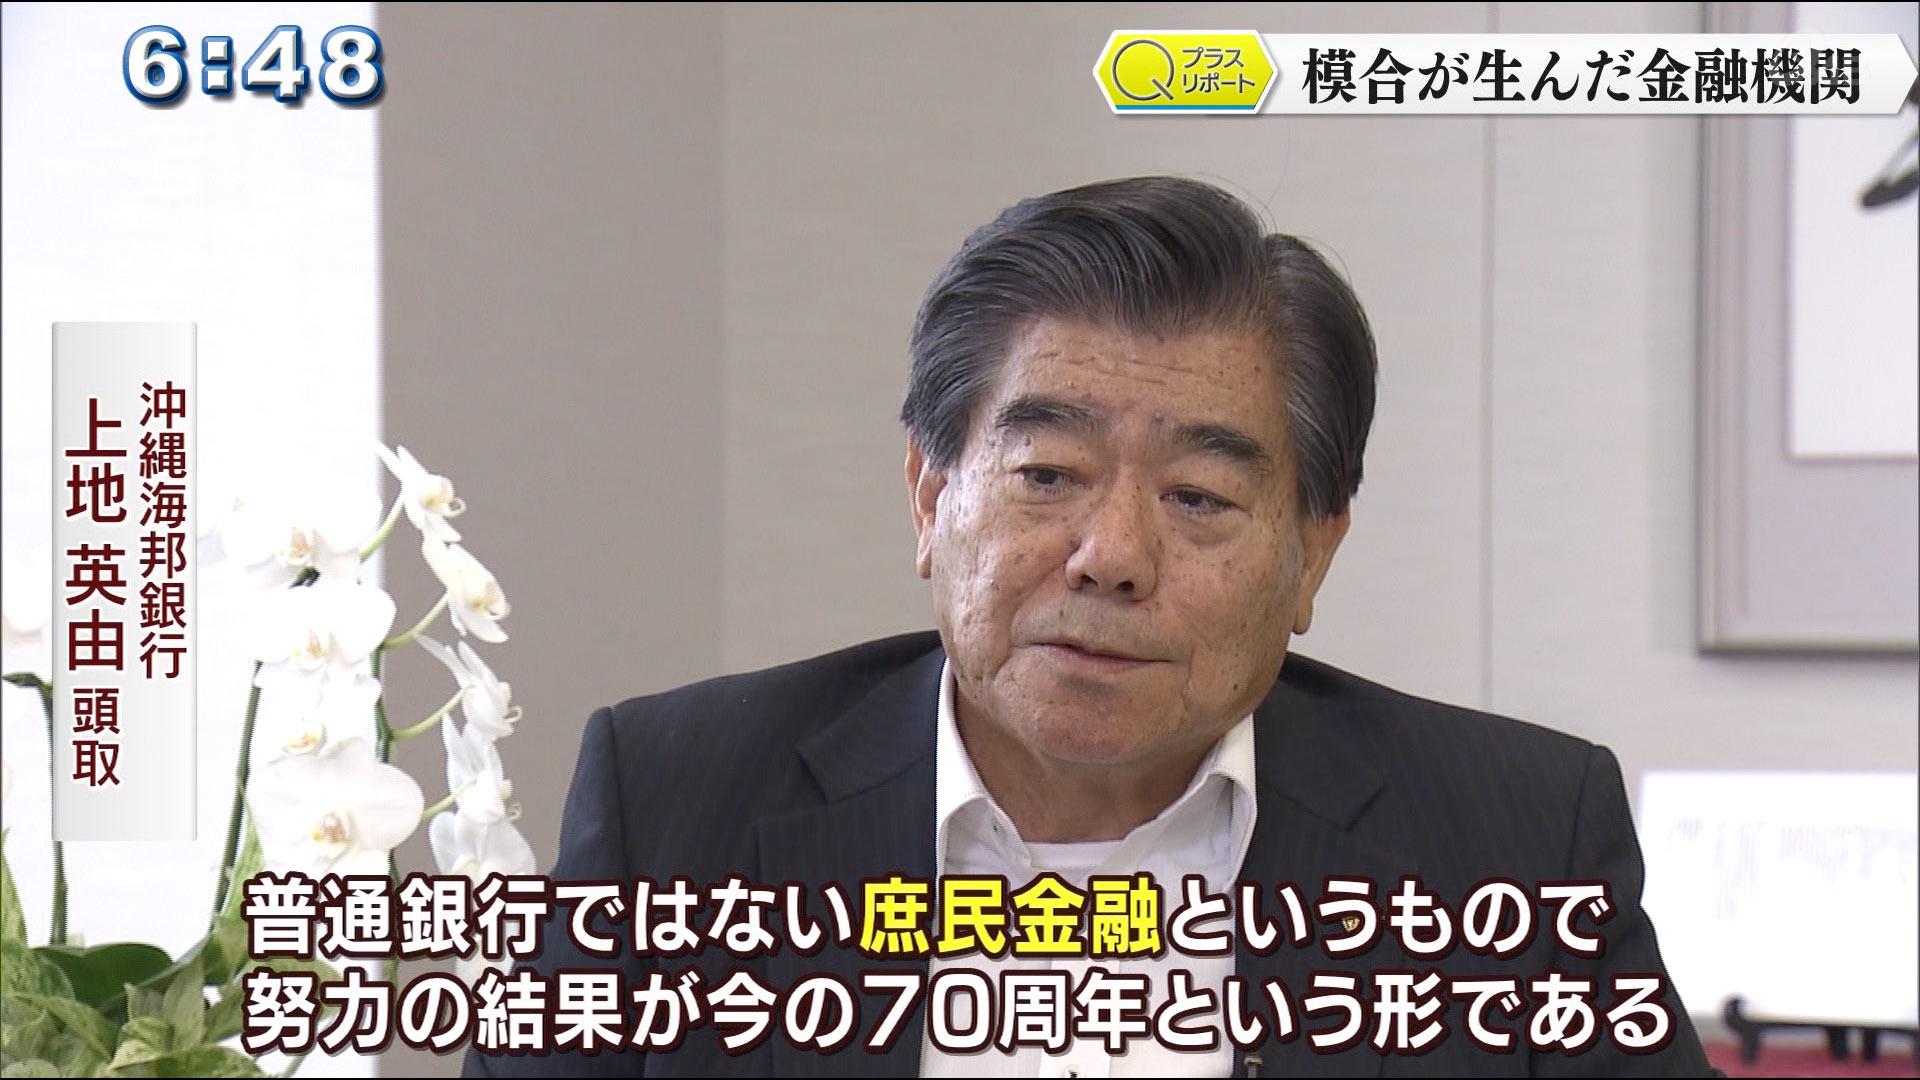 模合が生んだ金融機関 沖縄海邦銀行の成り立ちと模合の関係